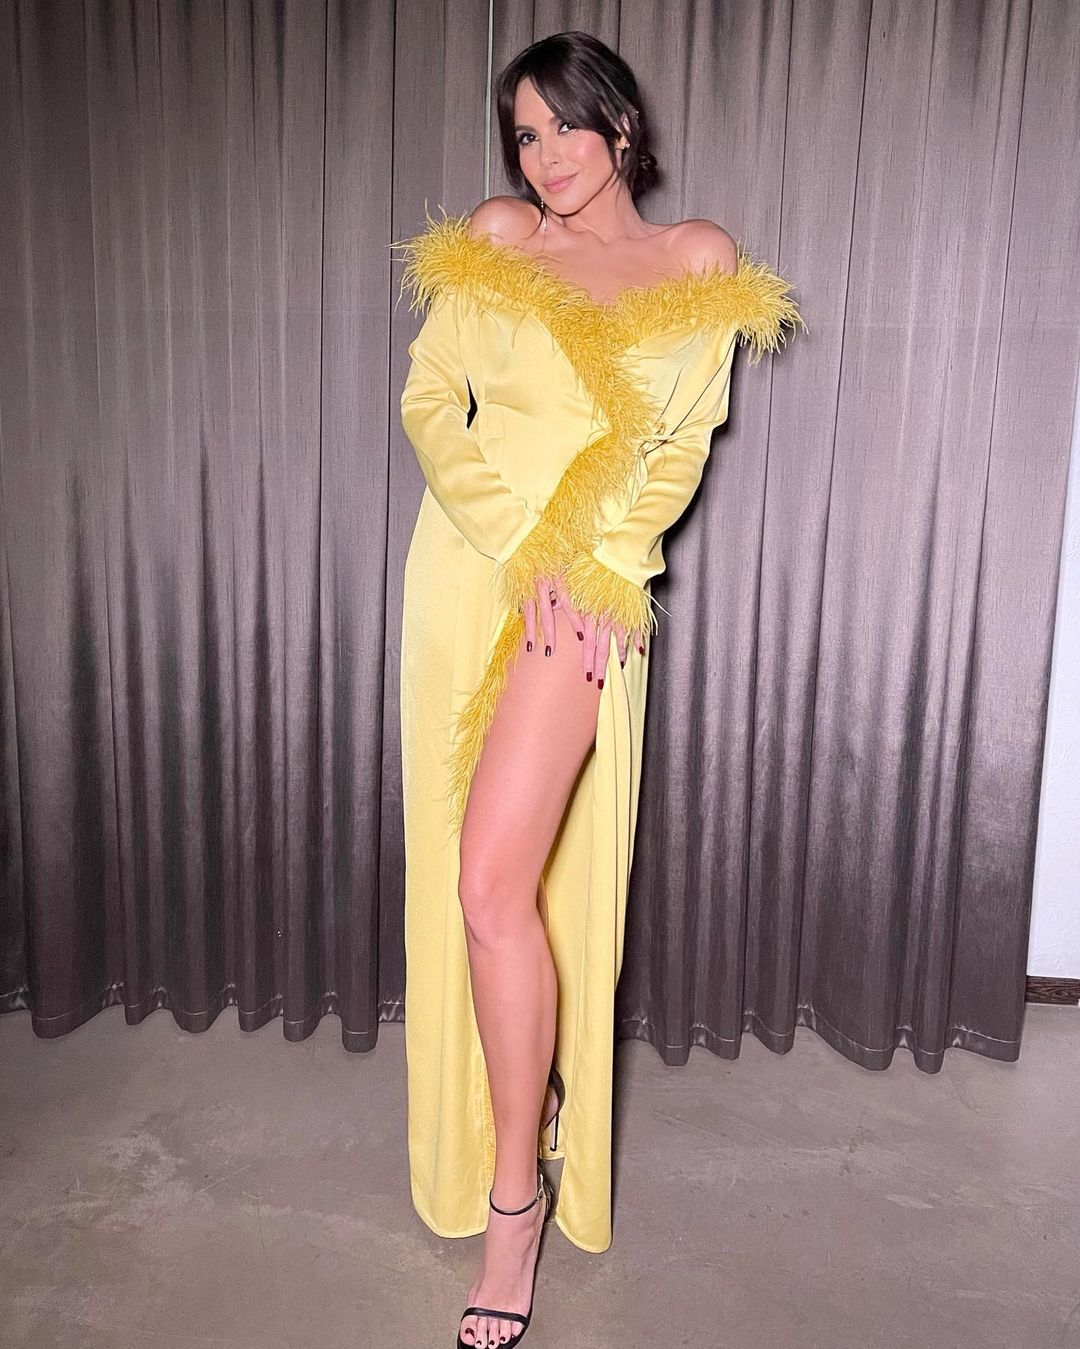 Рейтинг дня: Настя Каменских предстала в ярко-жёлтом платье с разрезом на бедре